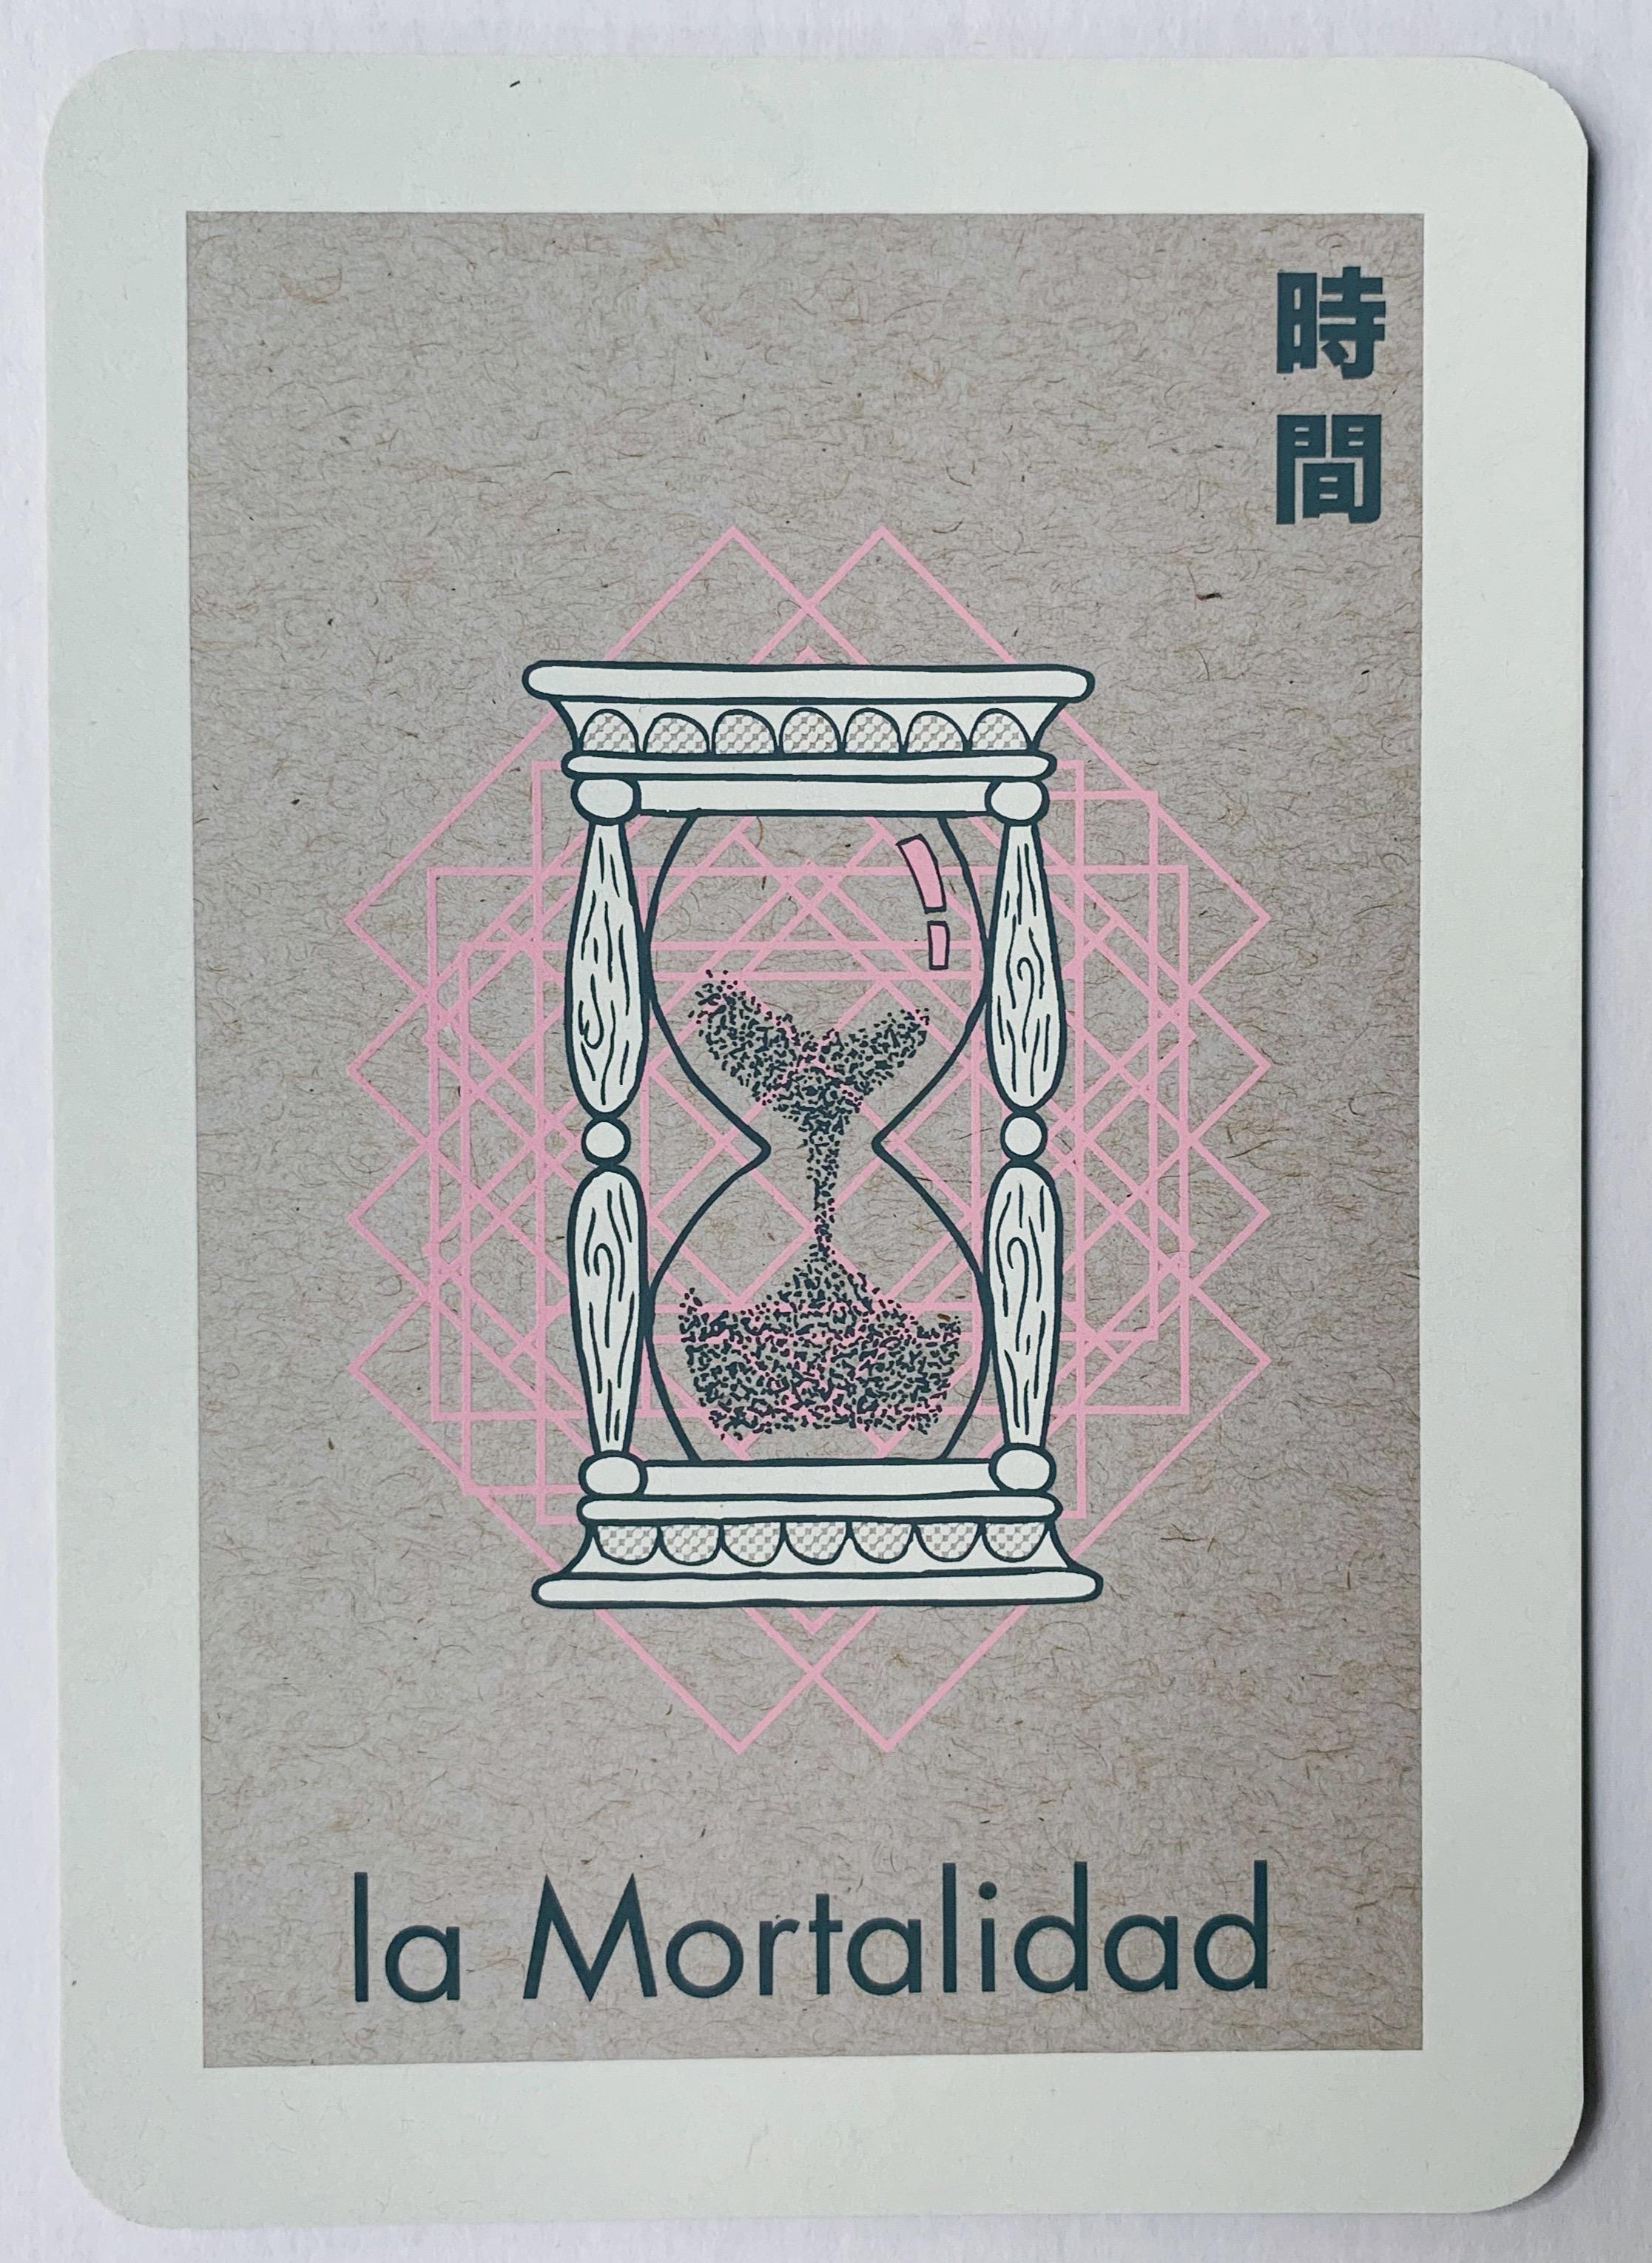 la Mortalidad, serigraphy, 2017